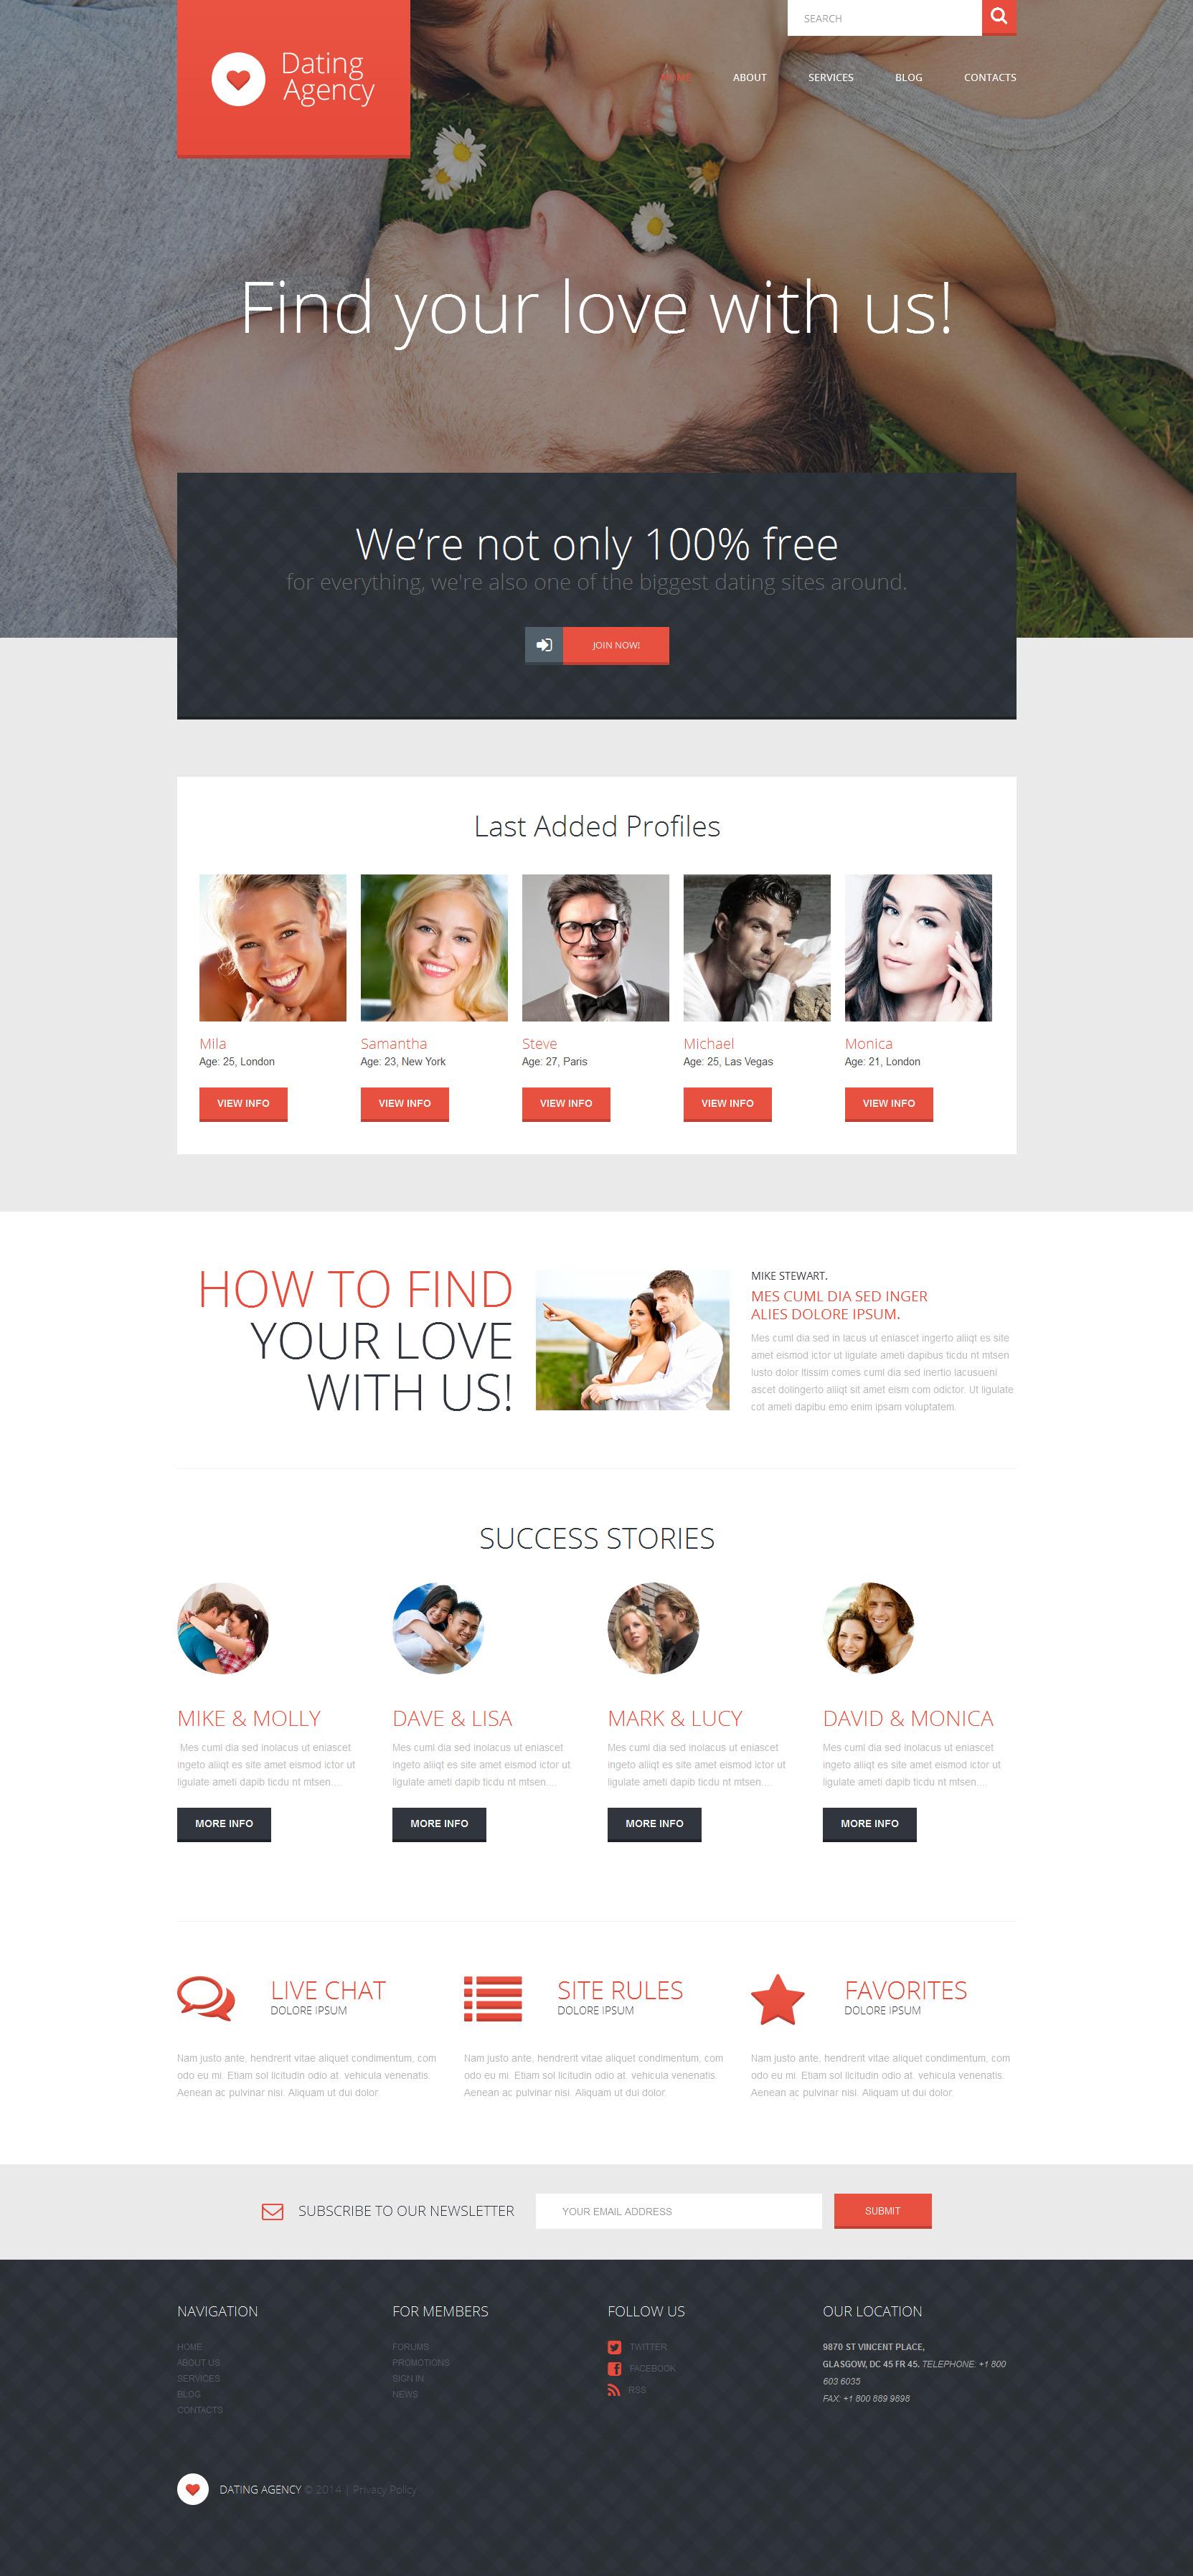 Partnersuche online preise